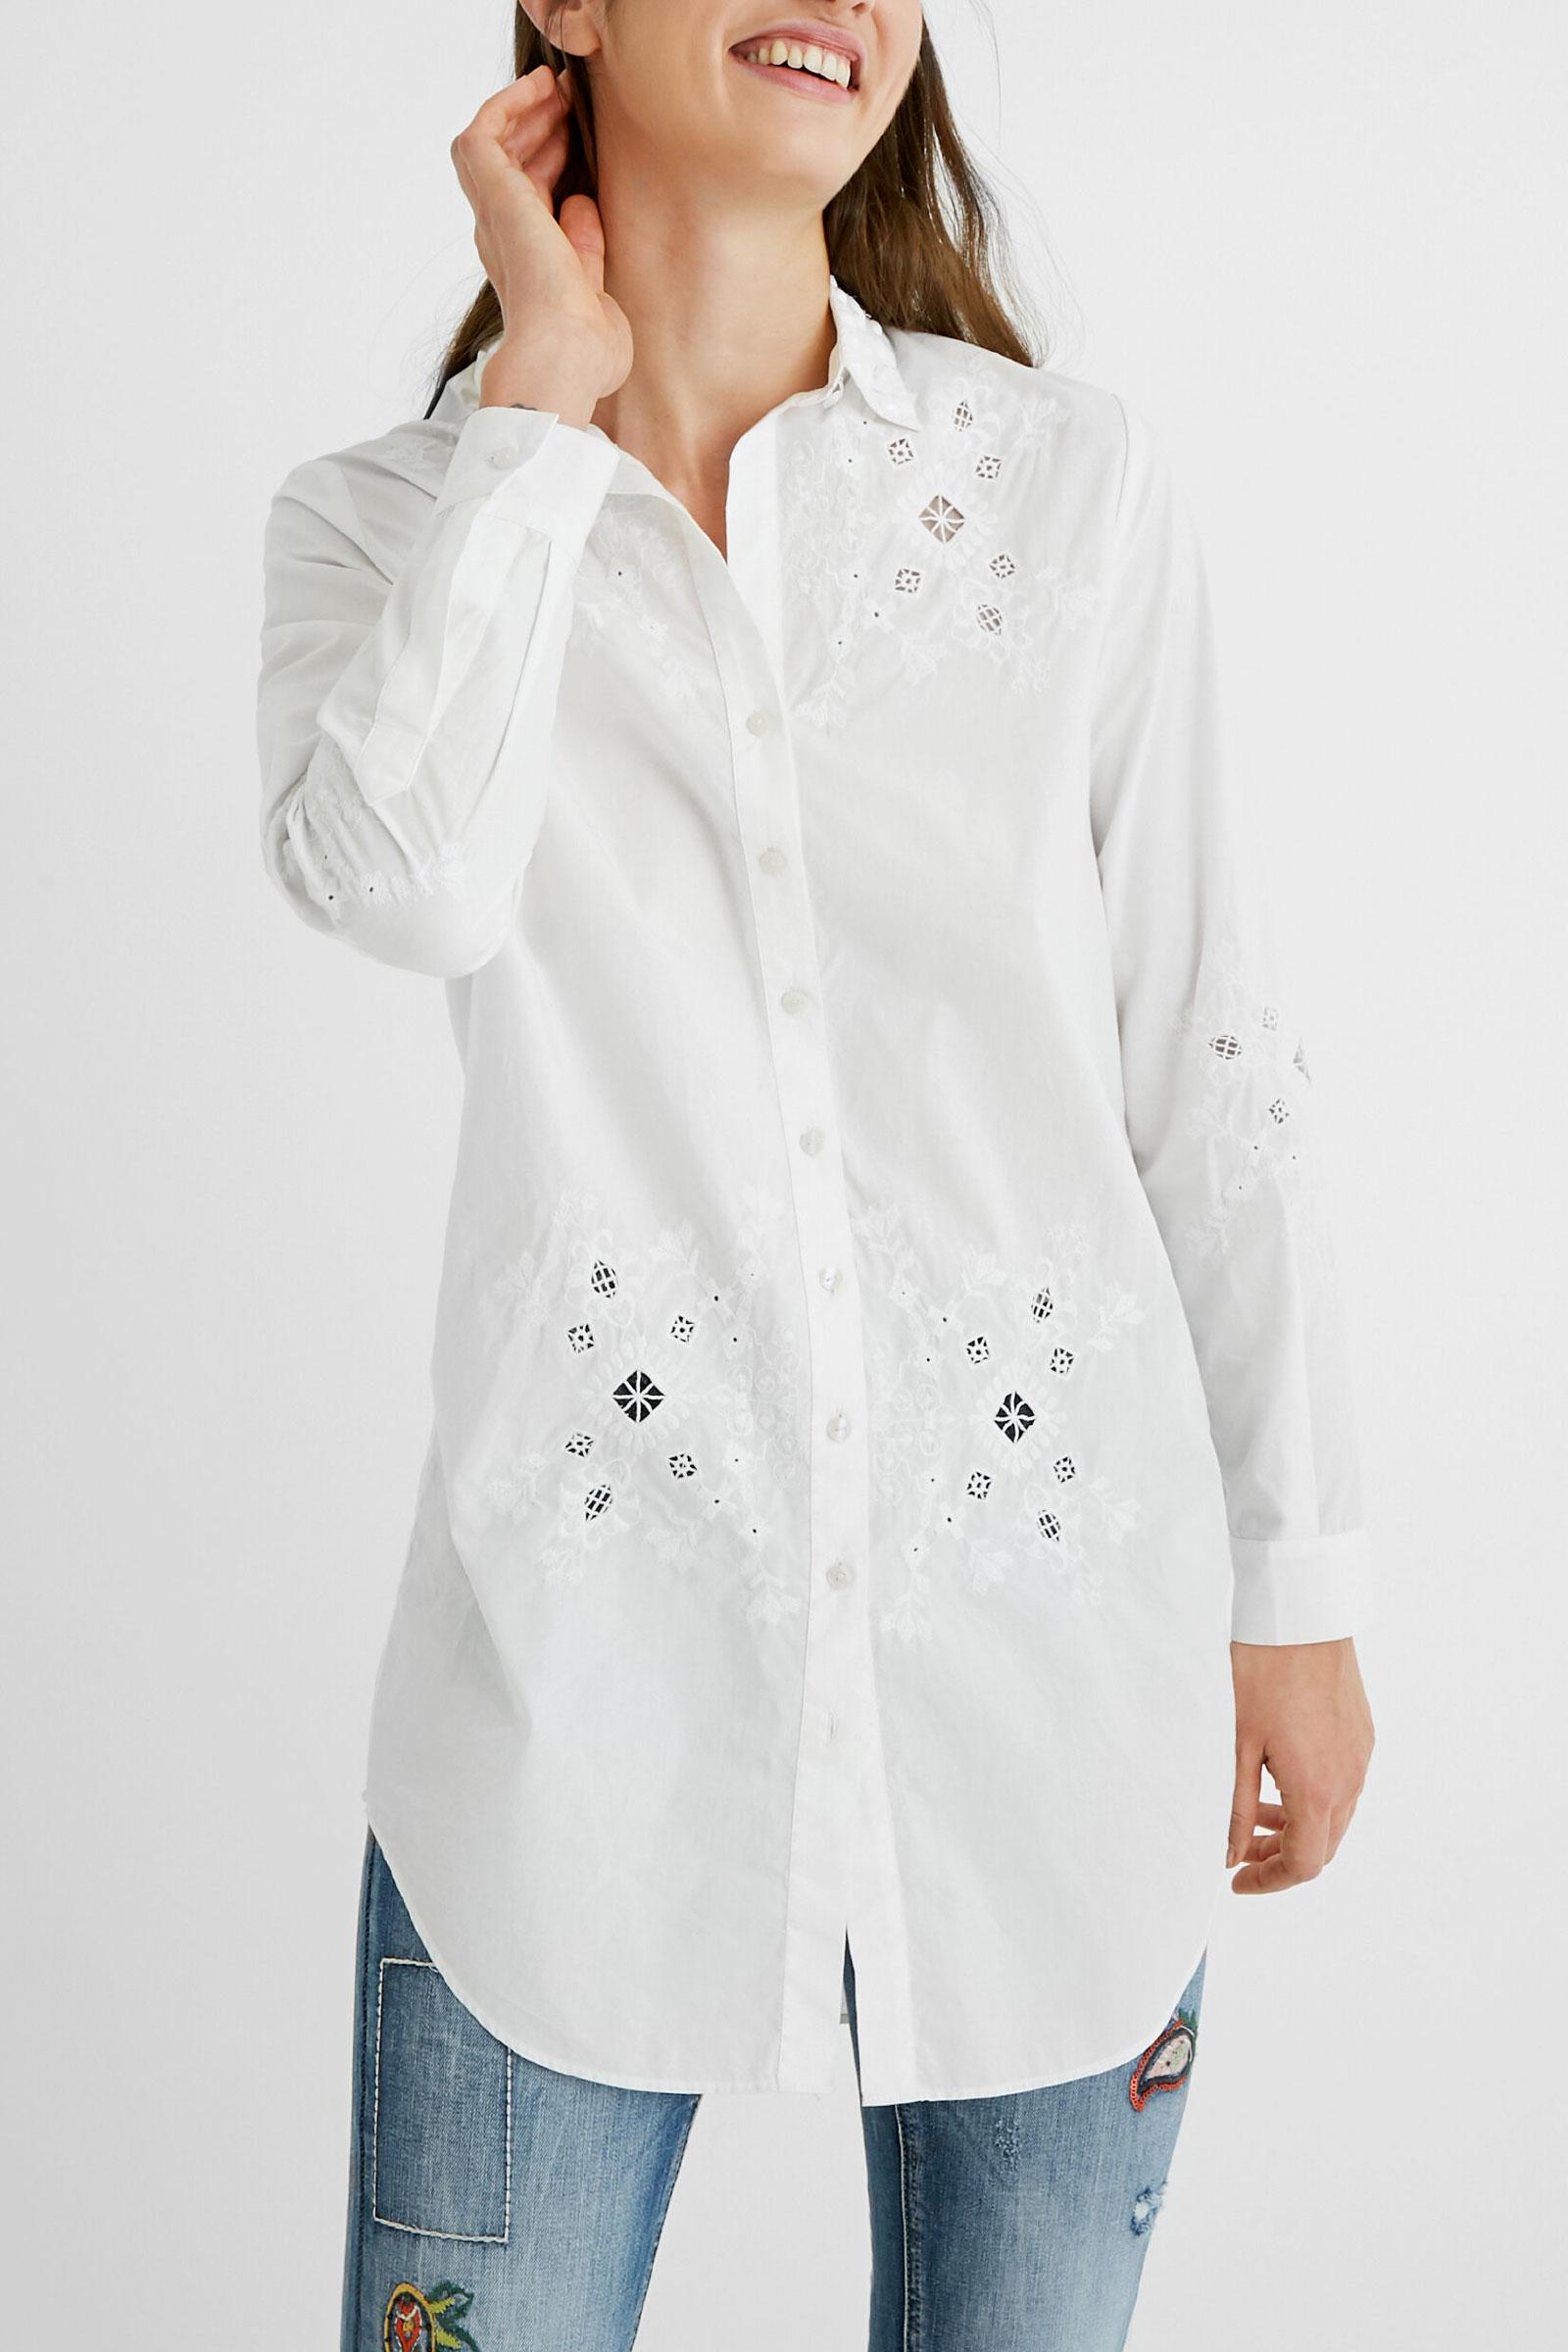 DESIGUAL Shirt Woman Model GARONA DESIGUAL | Shirt | 20WWCW501000